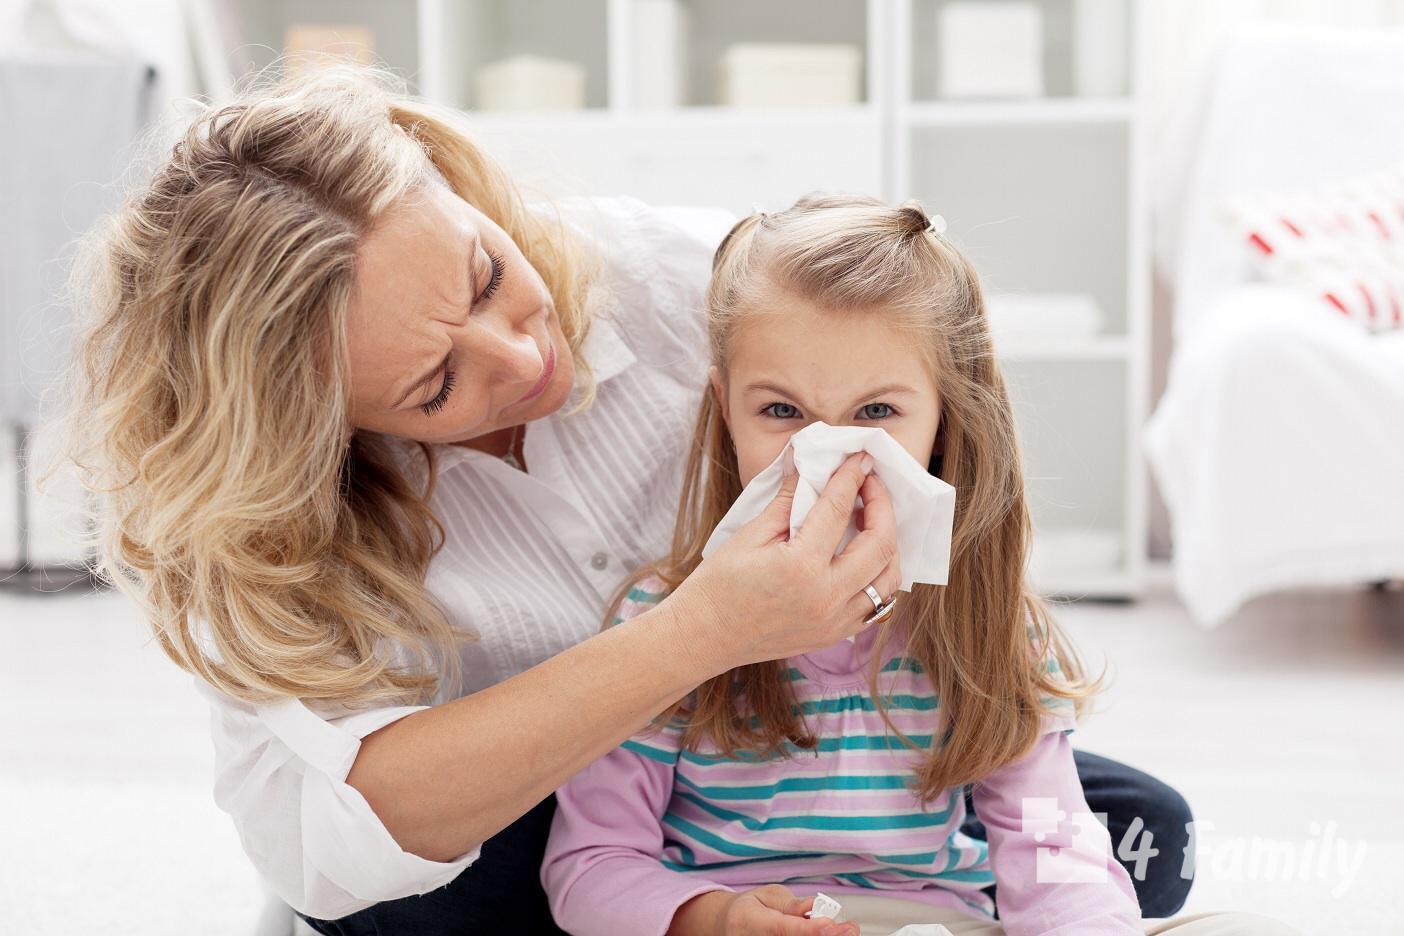 4Family Чтобы ребенок не болел зимой